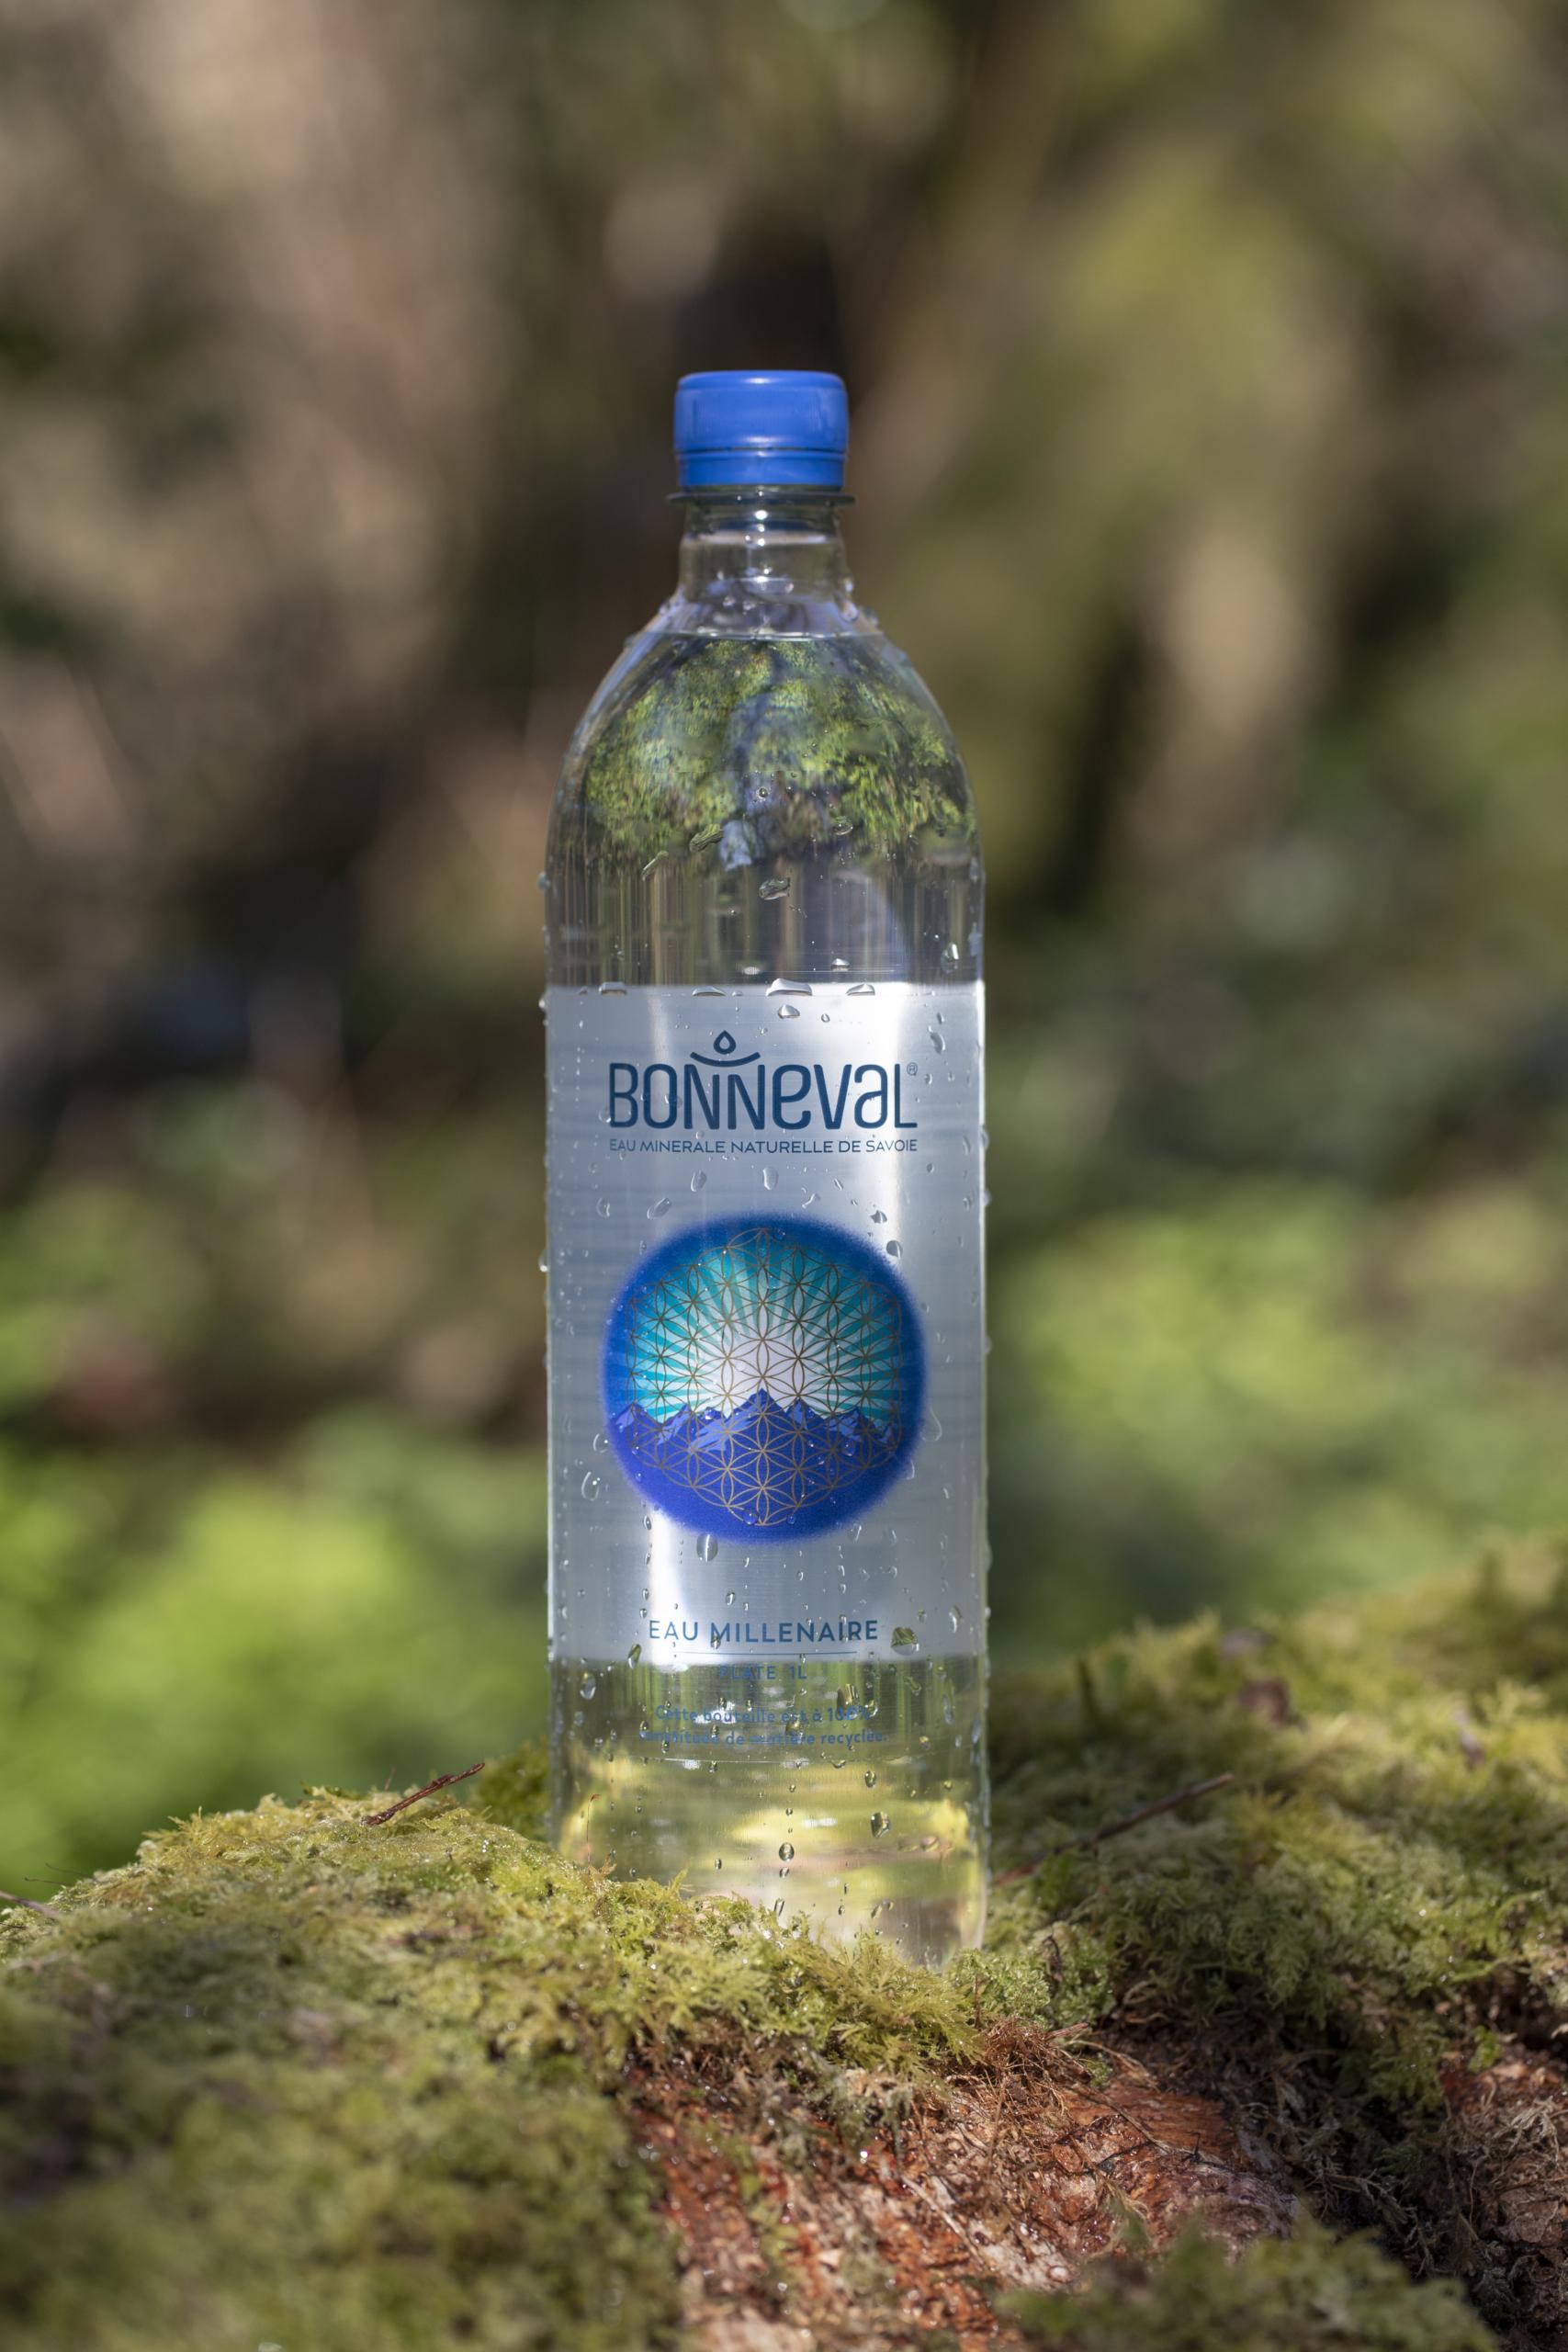 Bouteille d'eau Bonneval dans la forêt